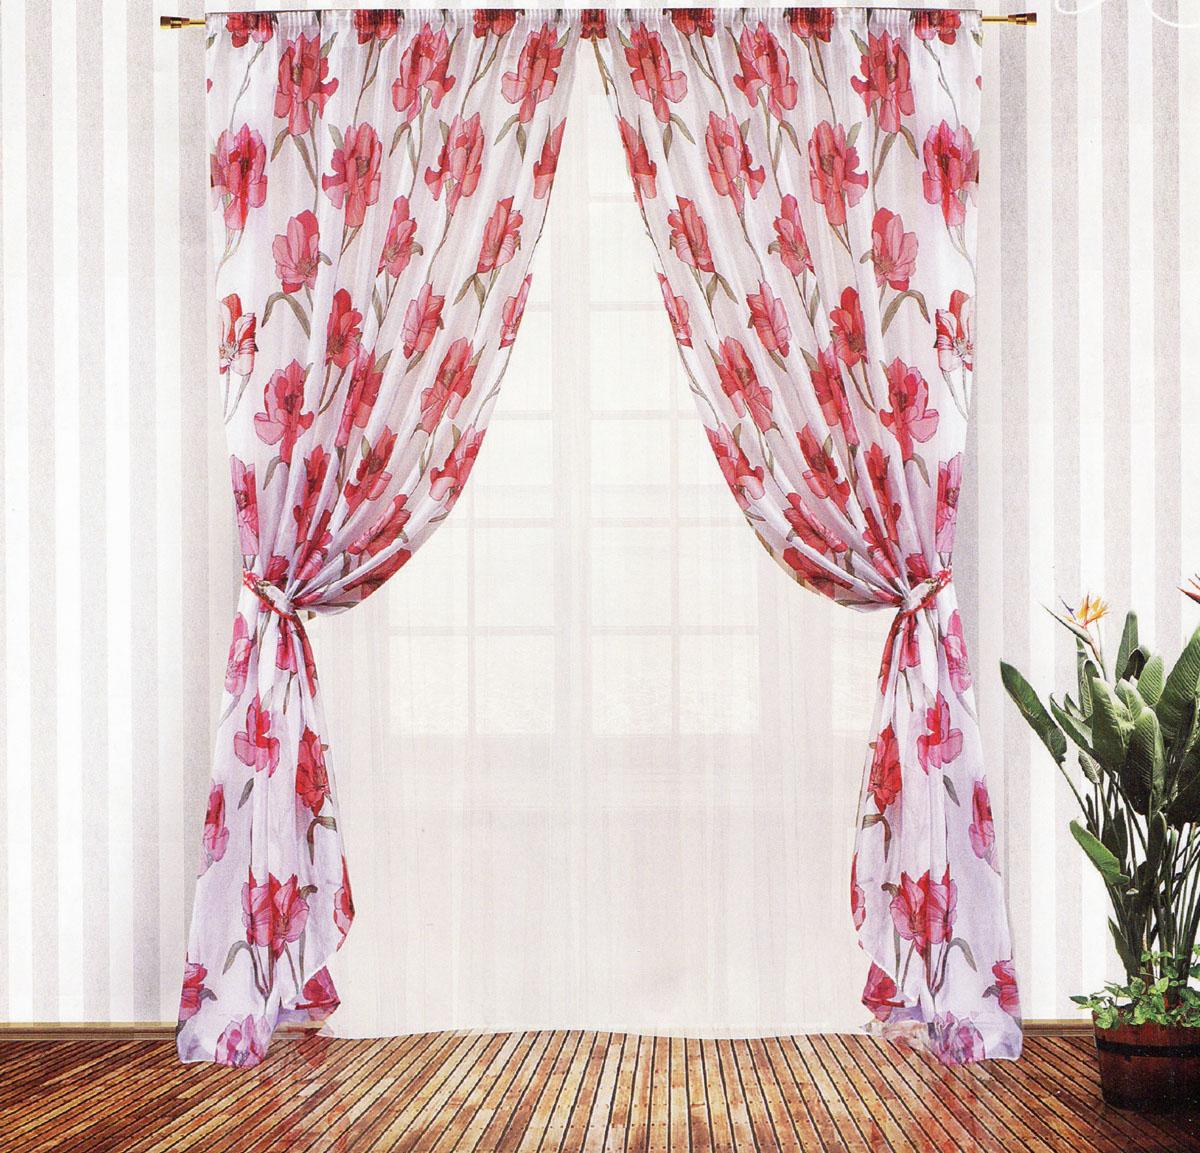 Комплект штор Zlata Korunka, на ленте, цвет: белый, красный, высота 250 см. 5554055540Роскошный комплект тюлевых штор Zlata Korunka, выполненный из вуали и микровуали (100% полиэстера), великолепно украсит любое окно. Комплект состоит из двух штор, тюля и двух подхватов. Полупрозрачная ткань, цветочный принт и приятная, приглушенная гамма привлекут к себе внимание и органично впишутся в интерьер помещения. Комплект крепится на карниз при помощи шторной ленты, которая поможет красиво и равномерно задрапировать верх. Шторы можно зафиксировать в одном положении с помощью двух подхватов. Этот комплект будет долгое время радовать вас и вашу семью! В комплект входит: Штора: 2 шт. Размер (ШхВ): 200 см х 250 см. Тюль: 1 шт. Размер (ШхВ): 400 см х 250 см.Подхват: 2 шт. Размер (ШхВ): 60 см х 10 см.